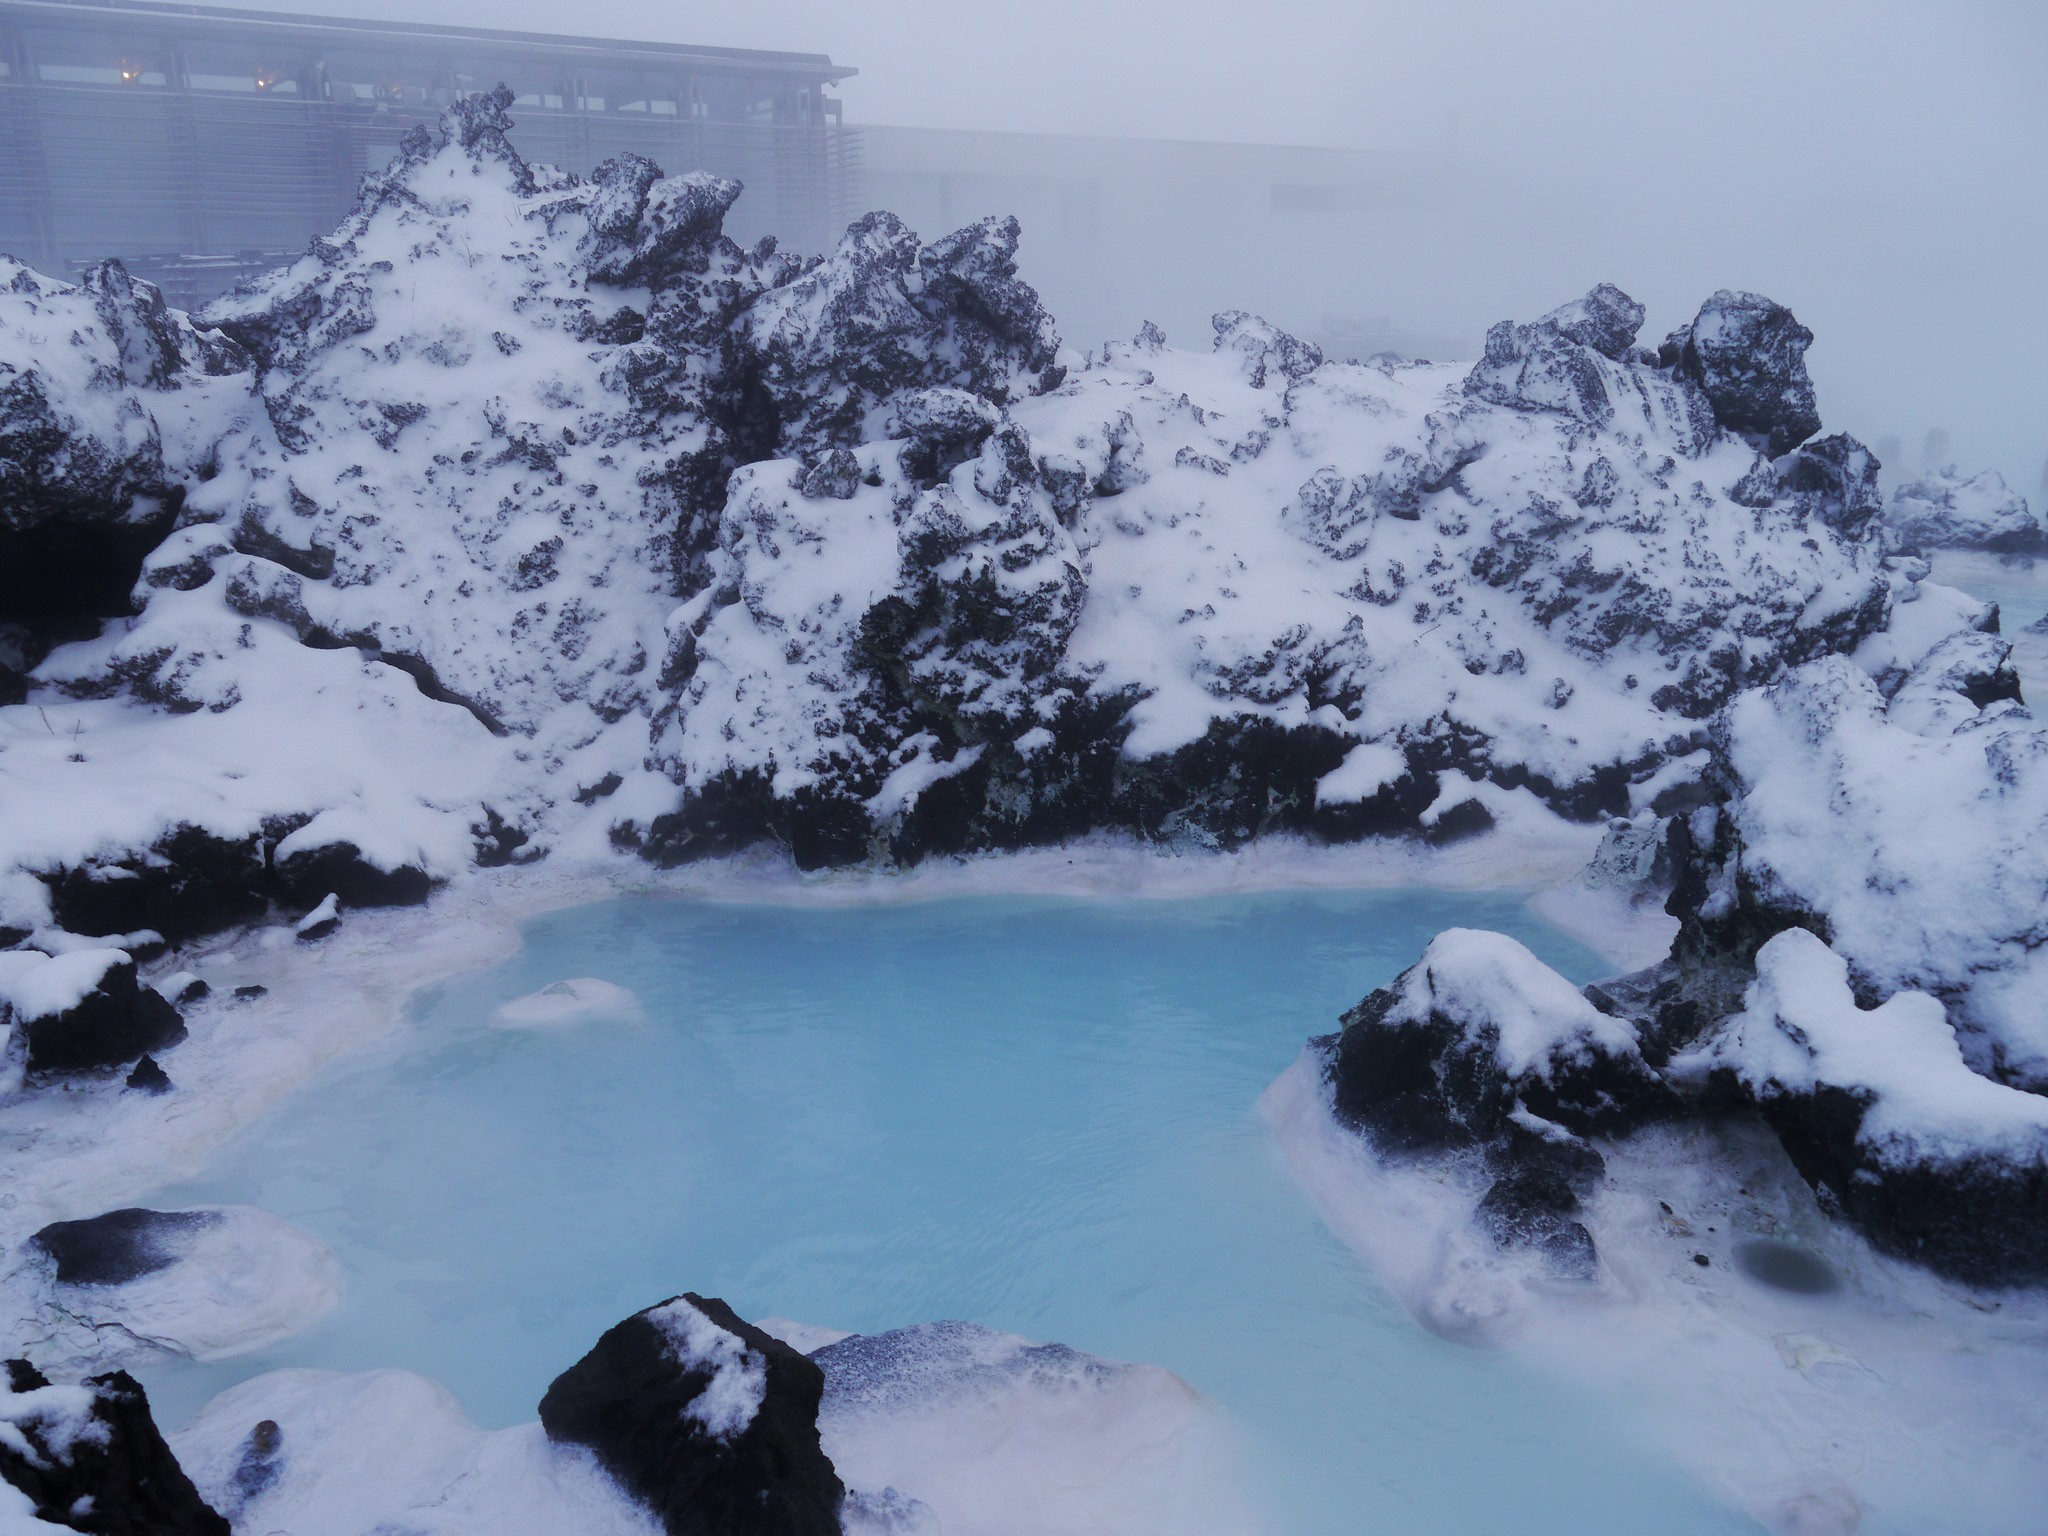 アイスランドで露天風呂⁉︎50mプール4個分の巨大ブルーラグーンで心も身体もリラックス♪